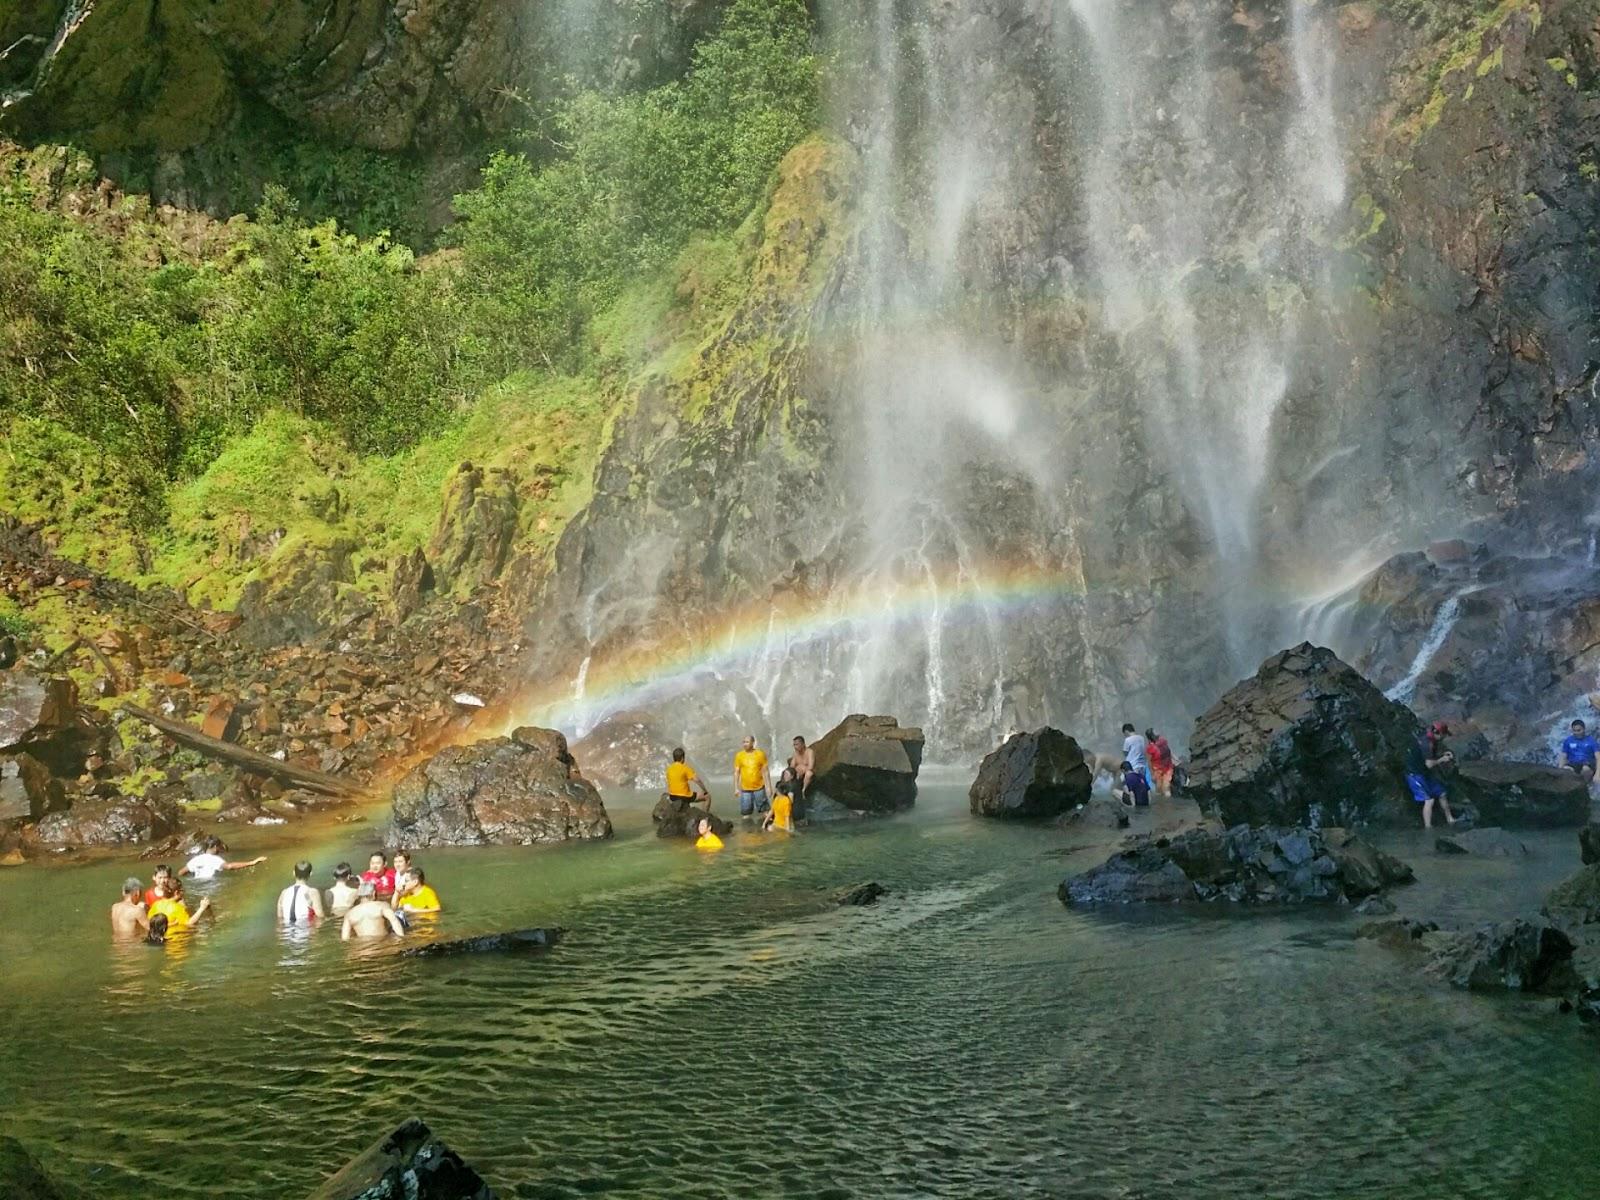 不讓生命留白: 林明彩虹瀑布----關丹旅游景點(5)